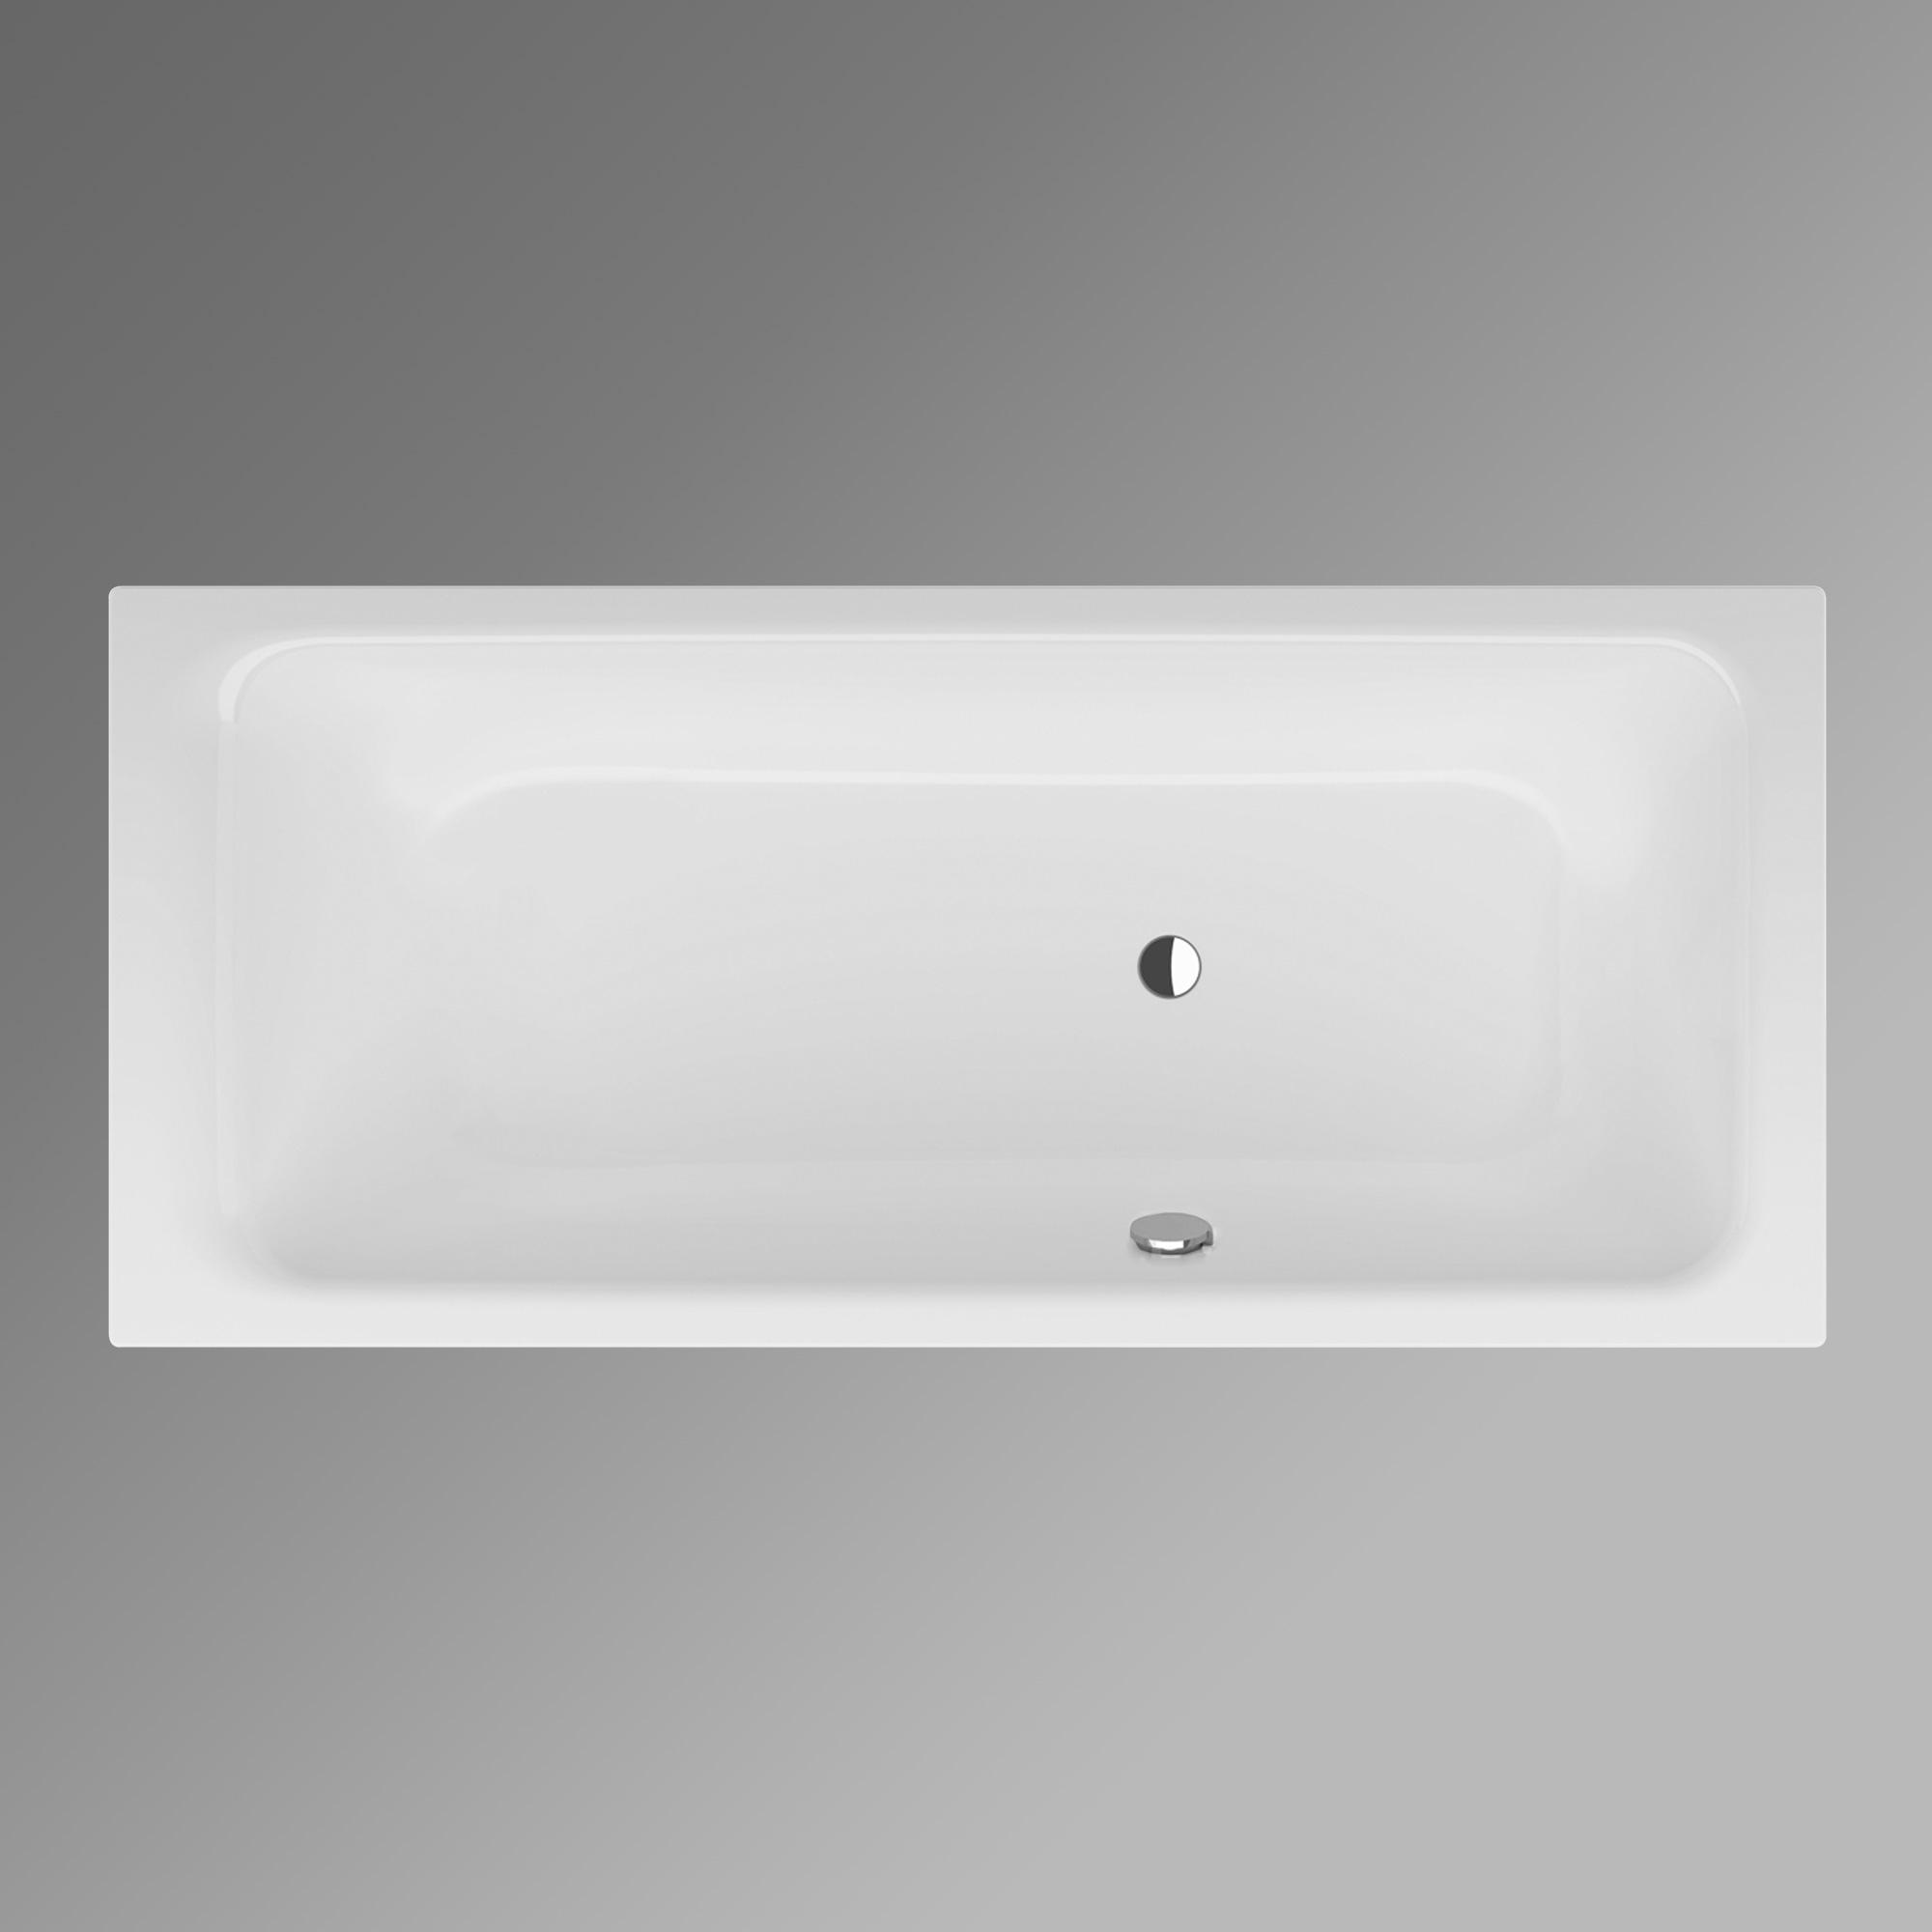 Bette select rechteck badewanne seitlicher berlauf vorne for Sechseck badewanne stahl